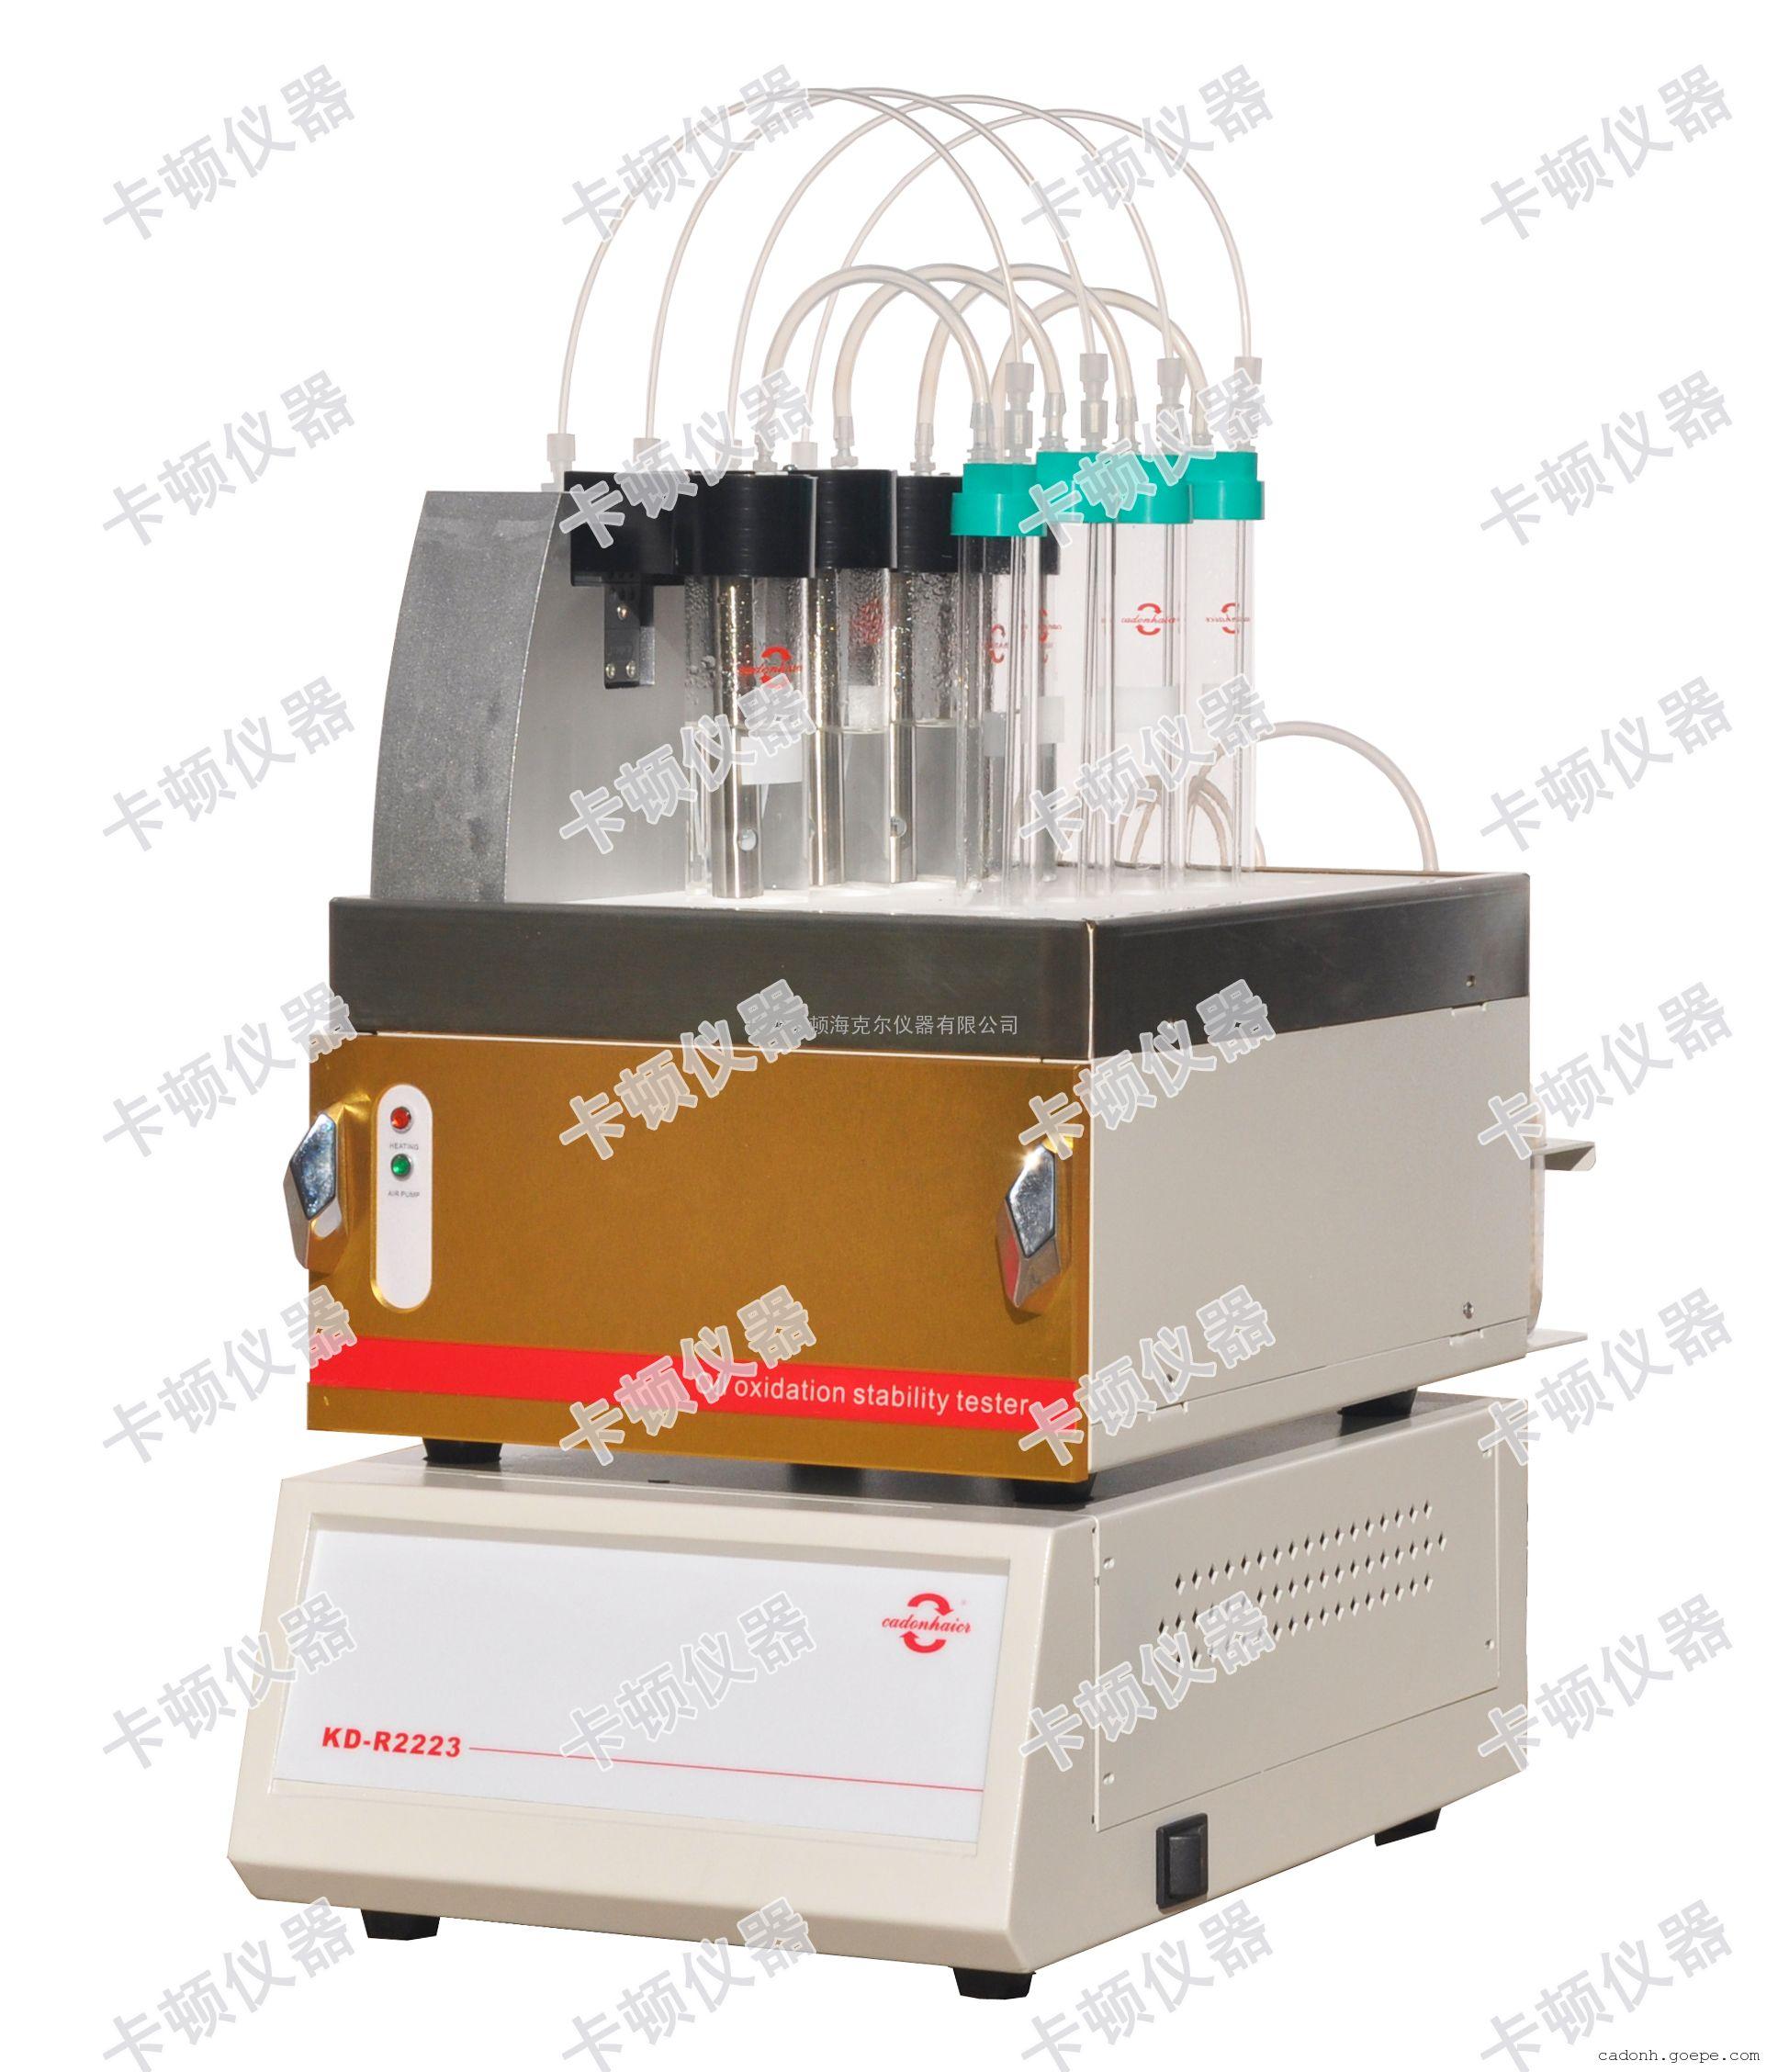 全自动食用油氧化稳定性测定仪EN14112